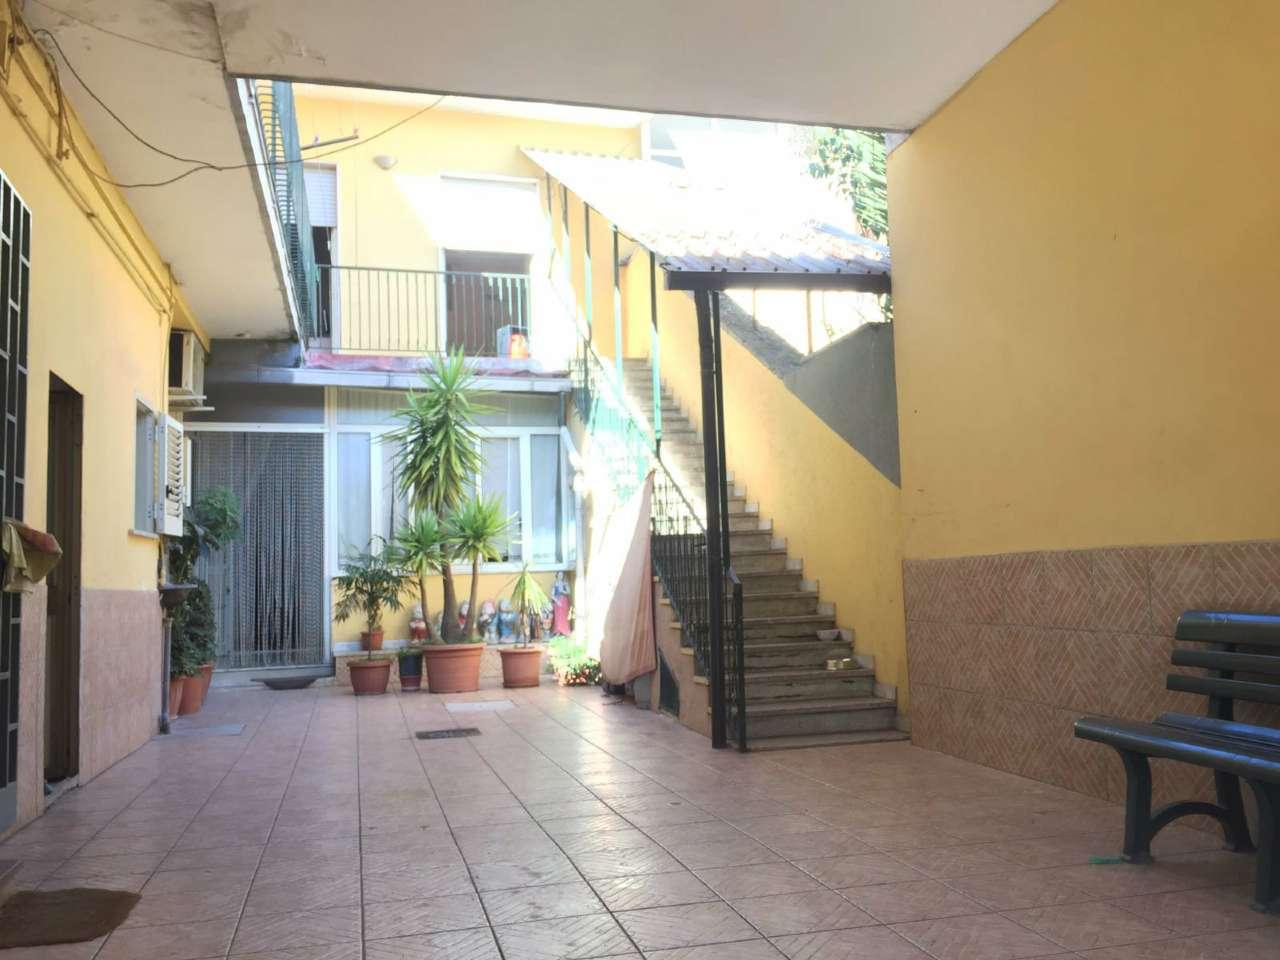 Soluzione Indipendente in vendita a Frattaminore, 9999 locali, prezzo € 174.000 | CambioCasa.it